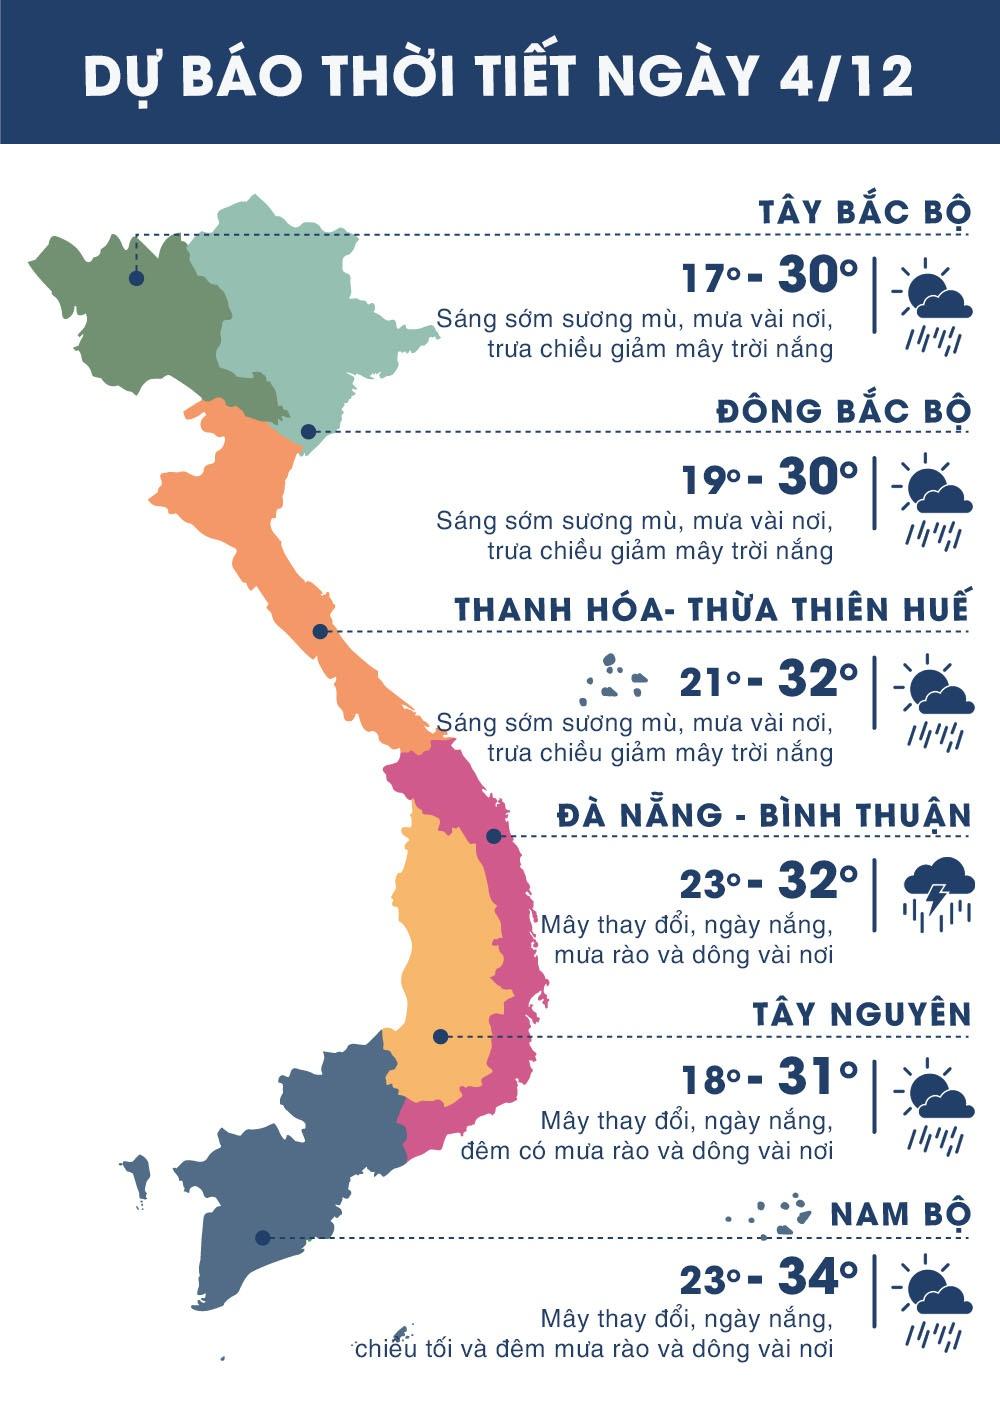 Thời tiết ngày 4/12: Hà Nội mưa buổi sáng, Sài Gòn nắng cả ngày